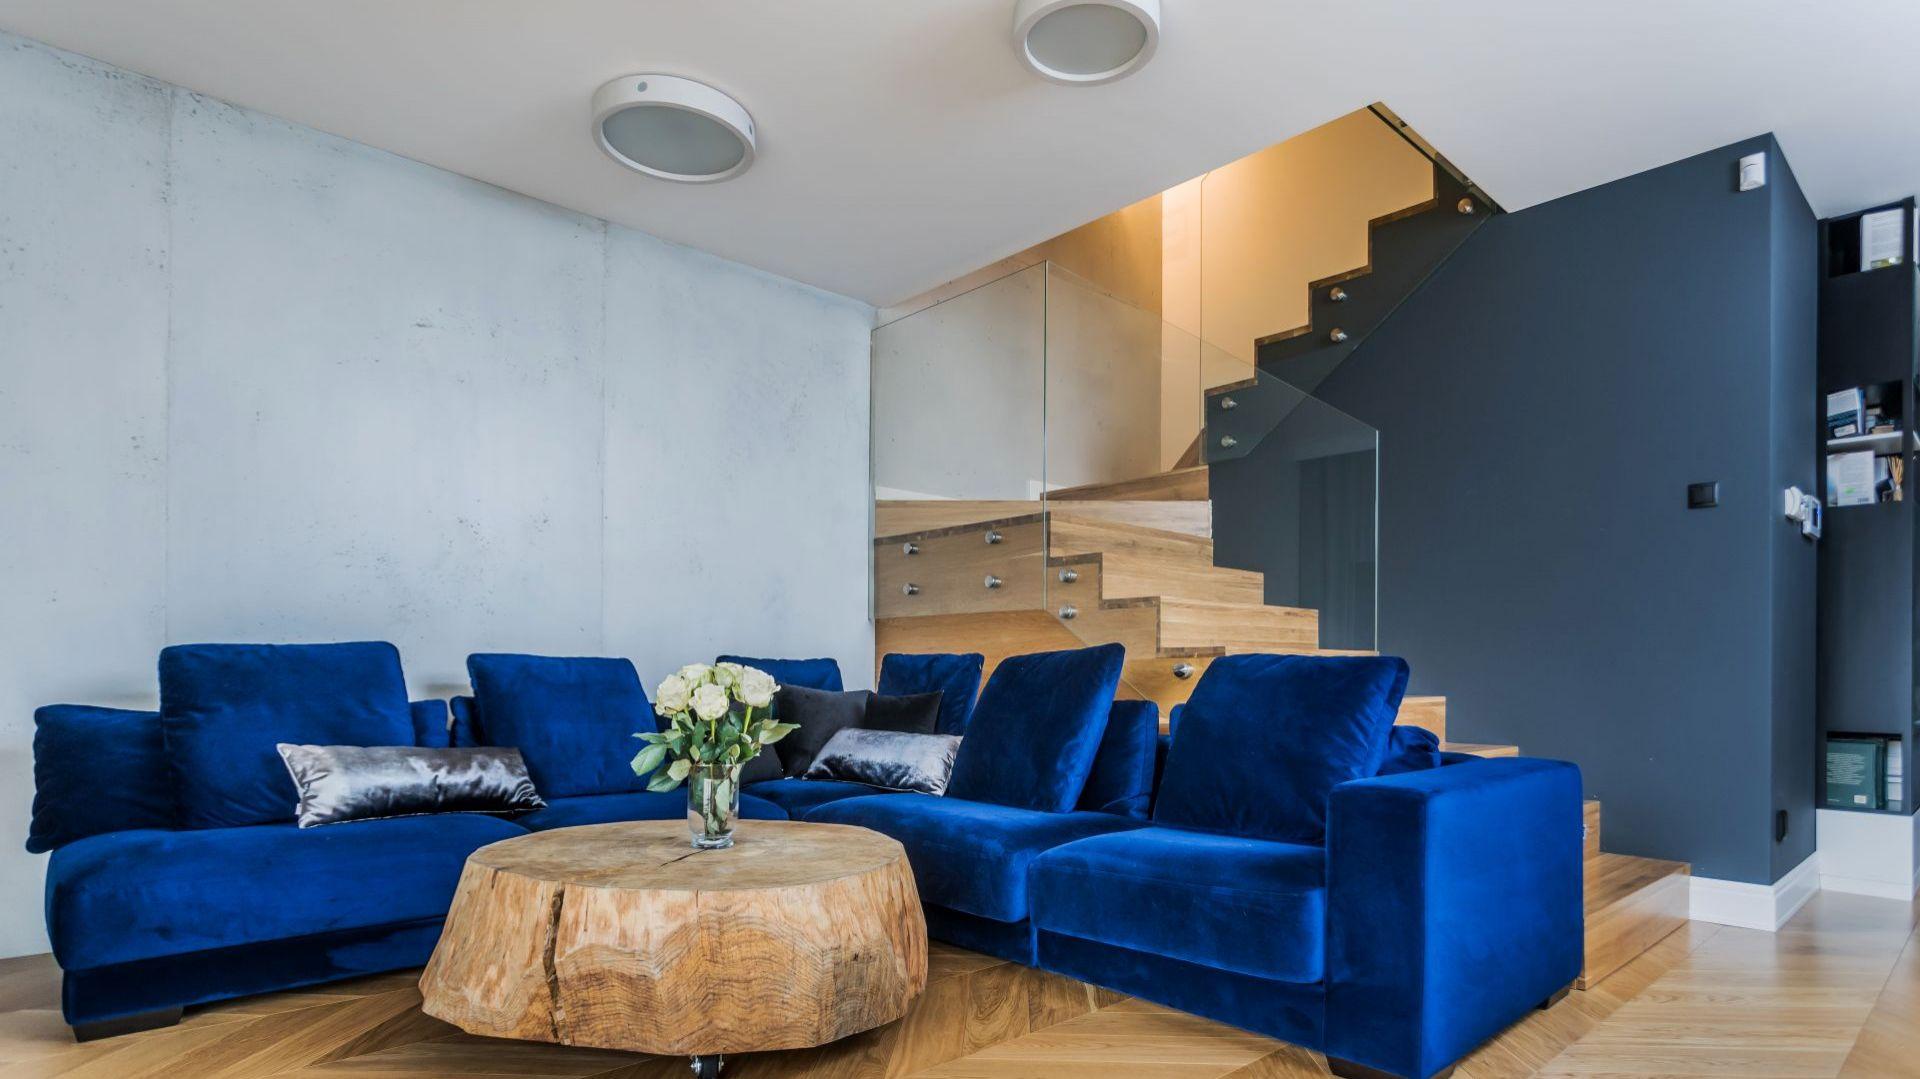 Projekt 180-metrowego mieszkania dla trzyosobowej rodziny. Autorki projektu: Joanna Dembowska, Joanna Kijak-Rajca, pracownia j2studio